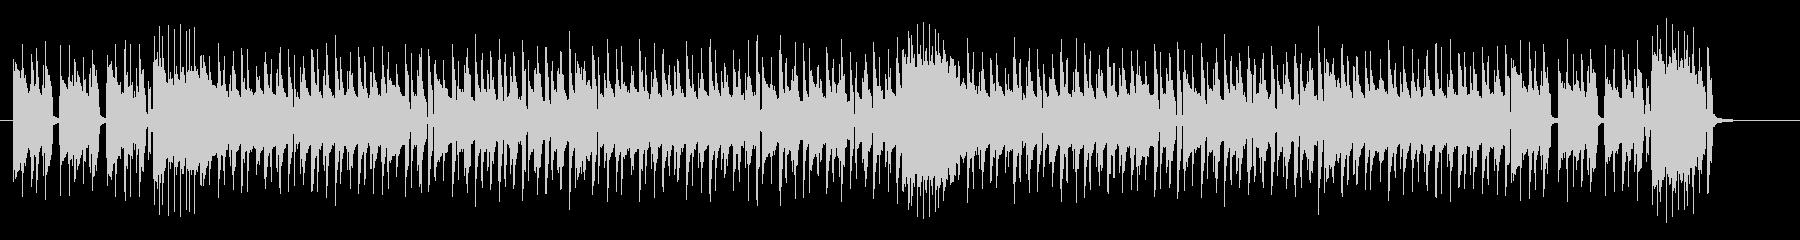 ノリの良いドラムポップスの未再生の波形